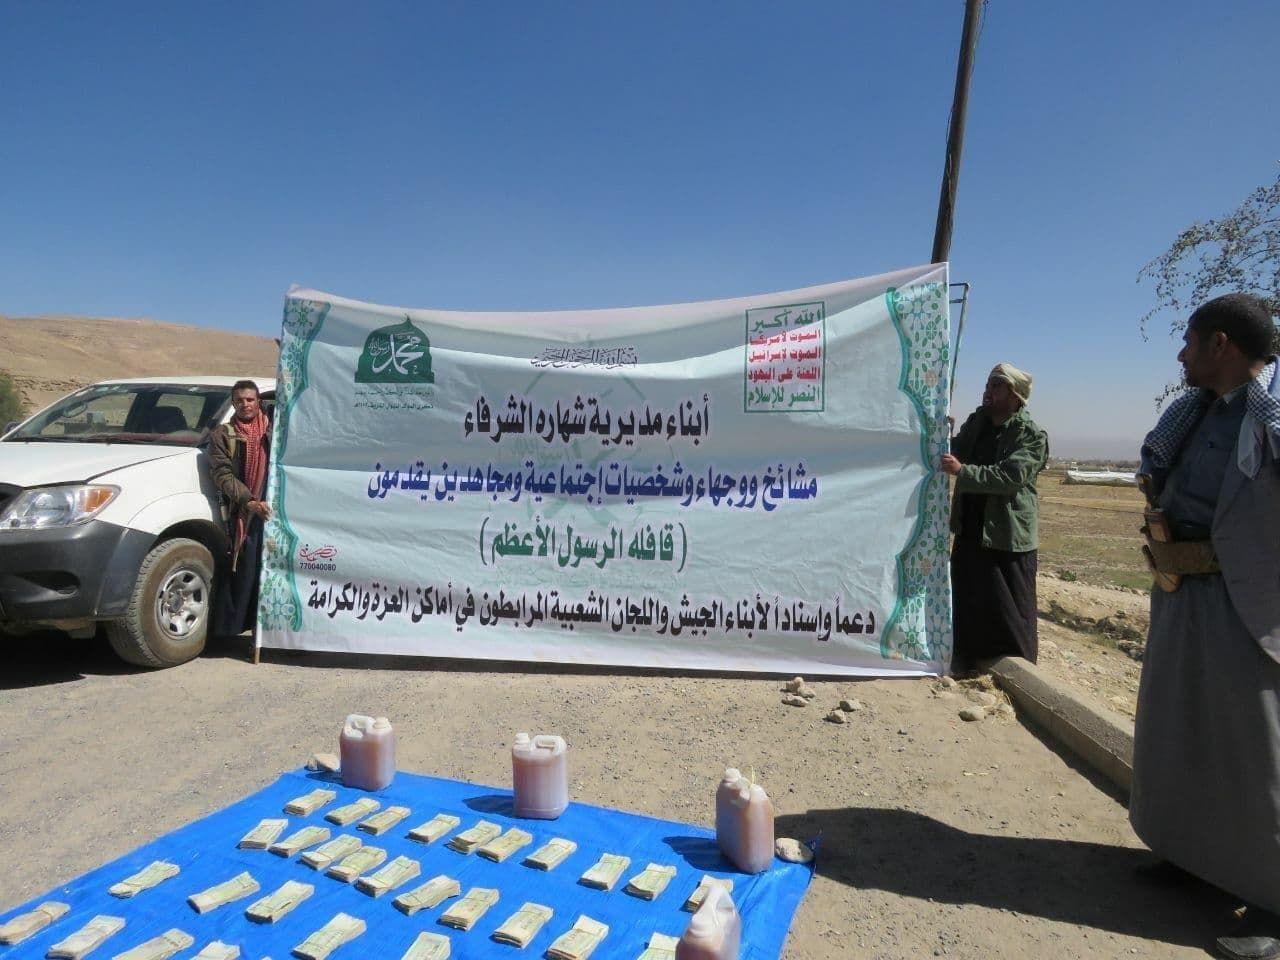 ابناء مديرية شهارة بعمران يسيرون قافلة مالية دعما للمرابطين في الجبهات Yemen